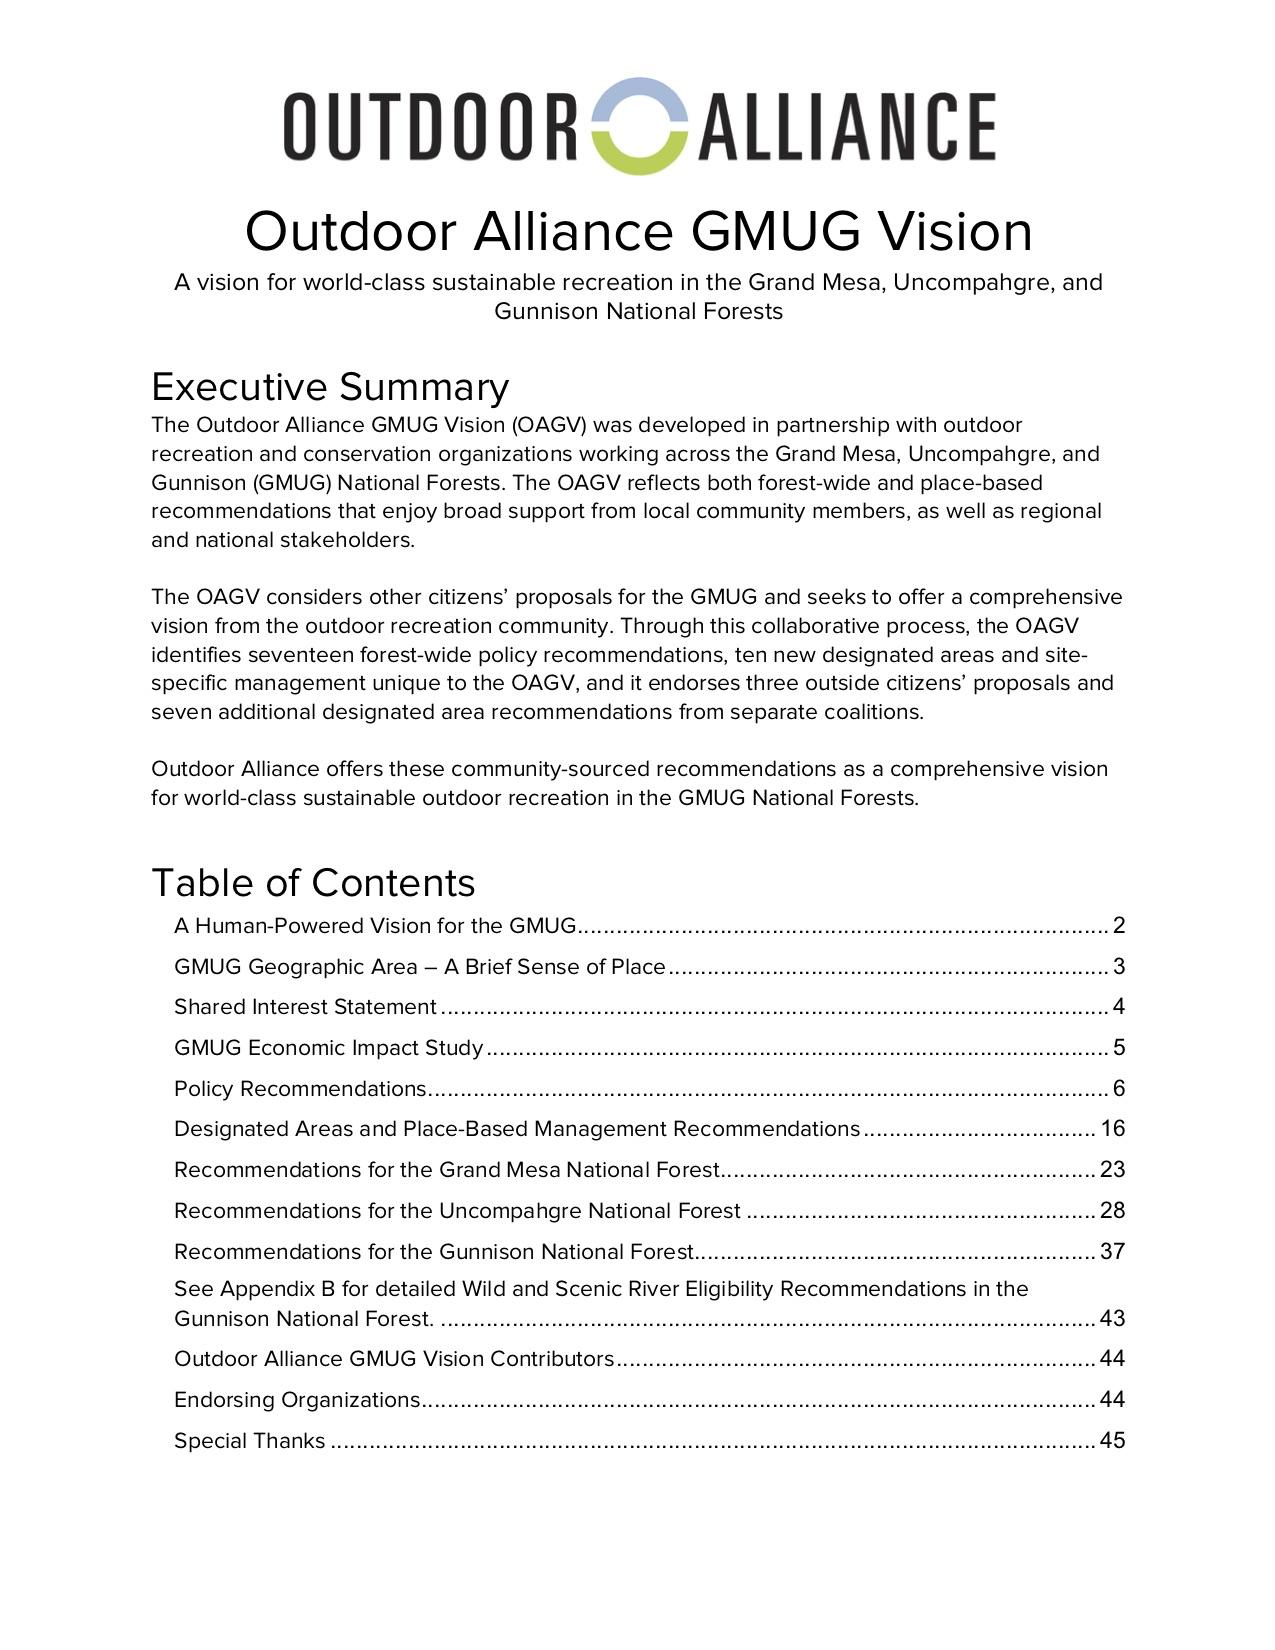 GMUG Vision photo.jpg